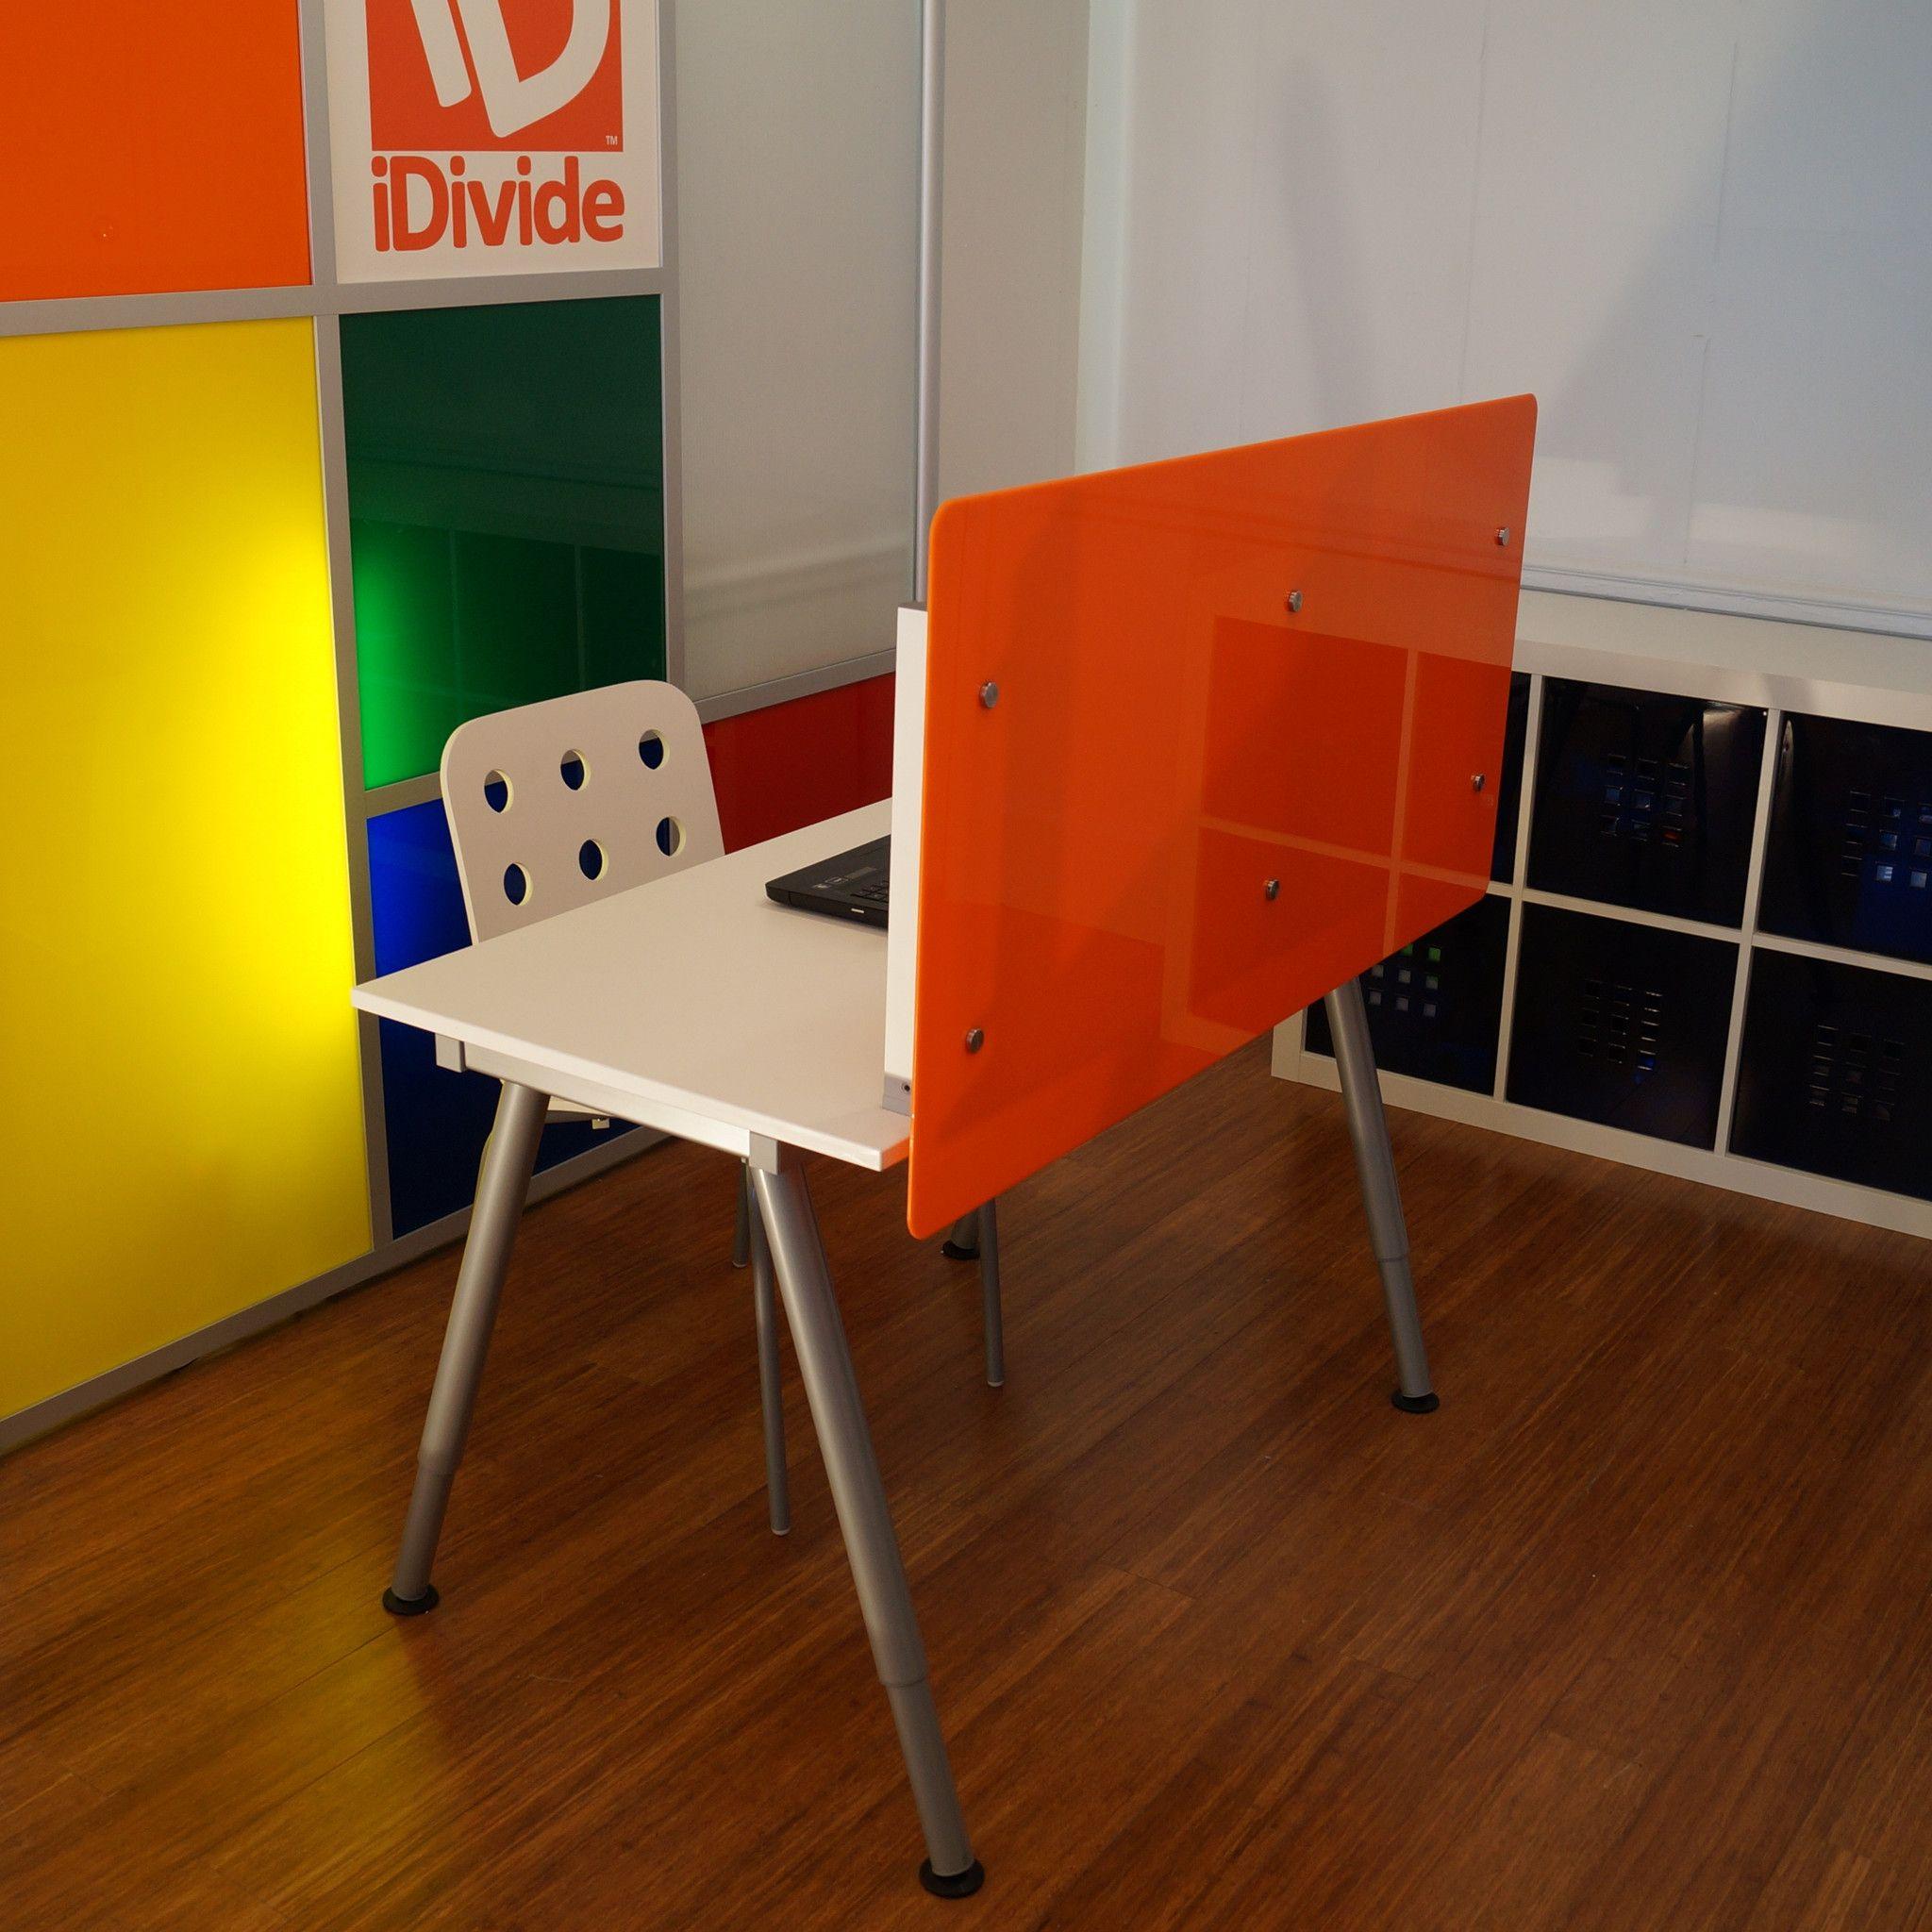 desk divider  wide x  high desktop divider privacy screen  - desk divider  desktop privacy screen panel translucent orange panel deskdivider panel size